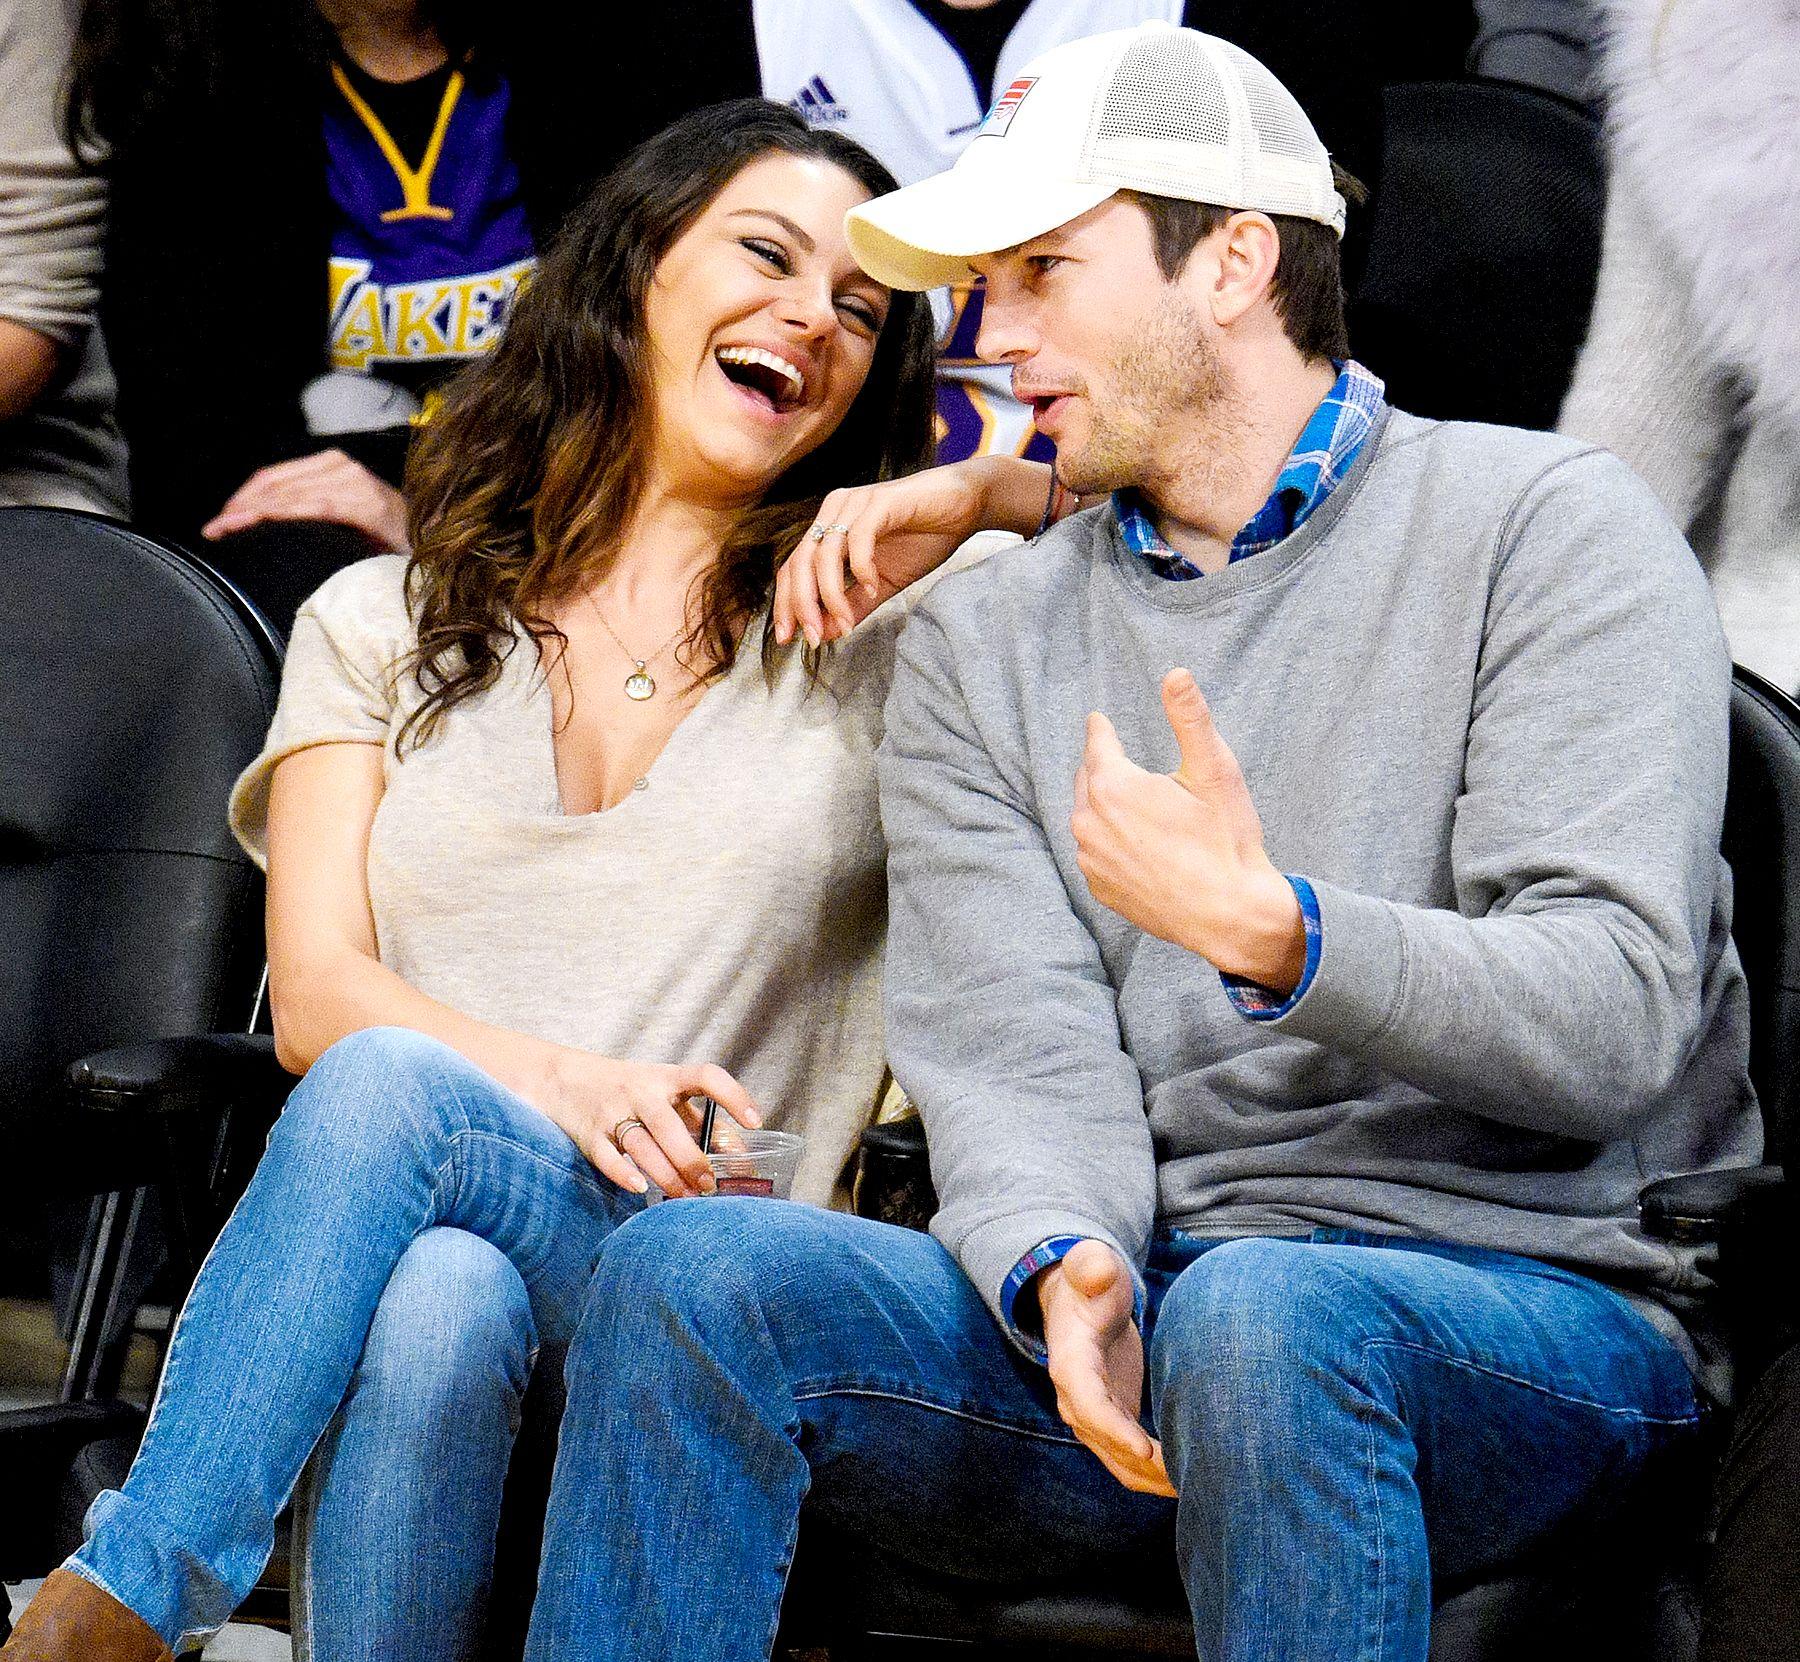 Mila Kunis and Ashton Kutcher at a basketball game